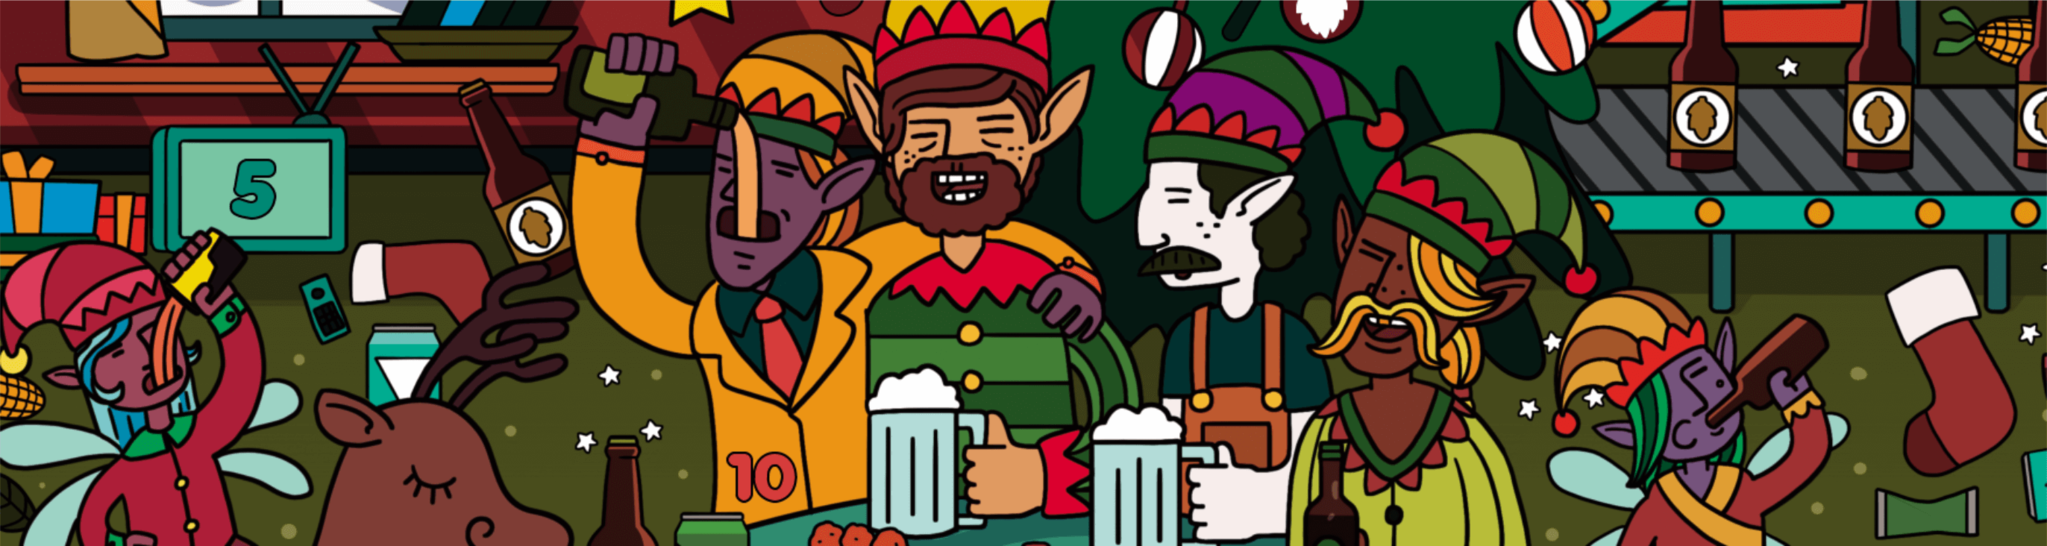 Bier kalender